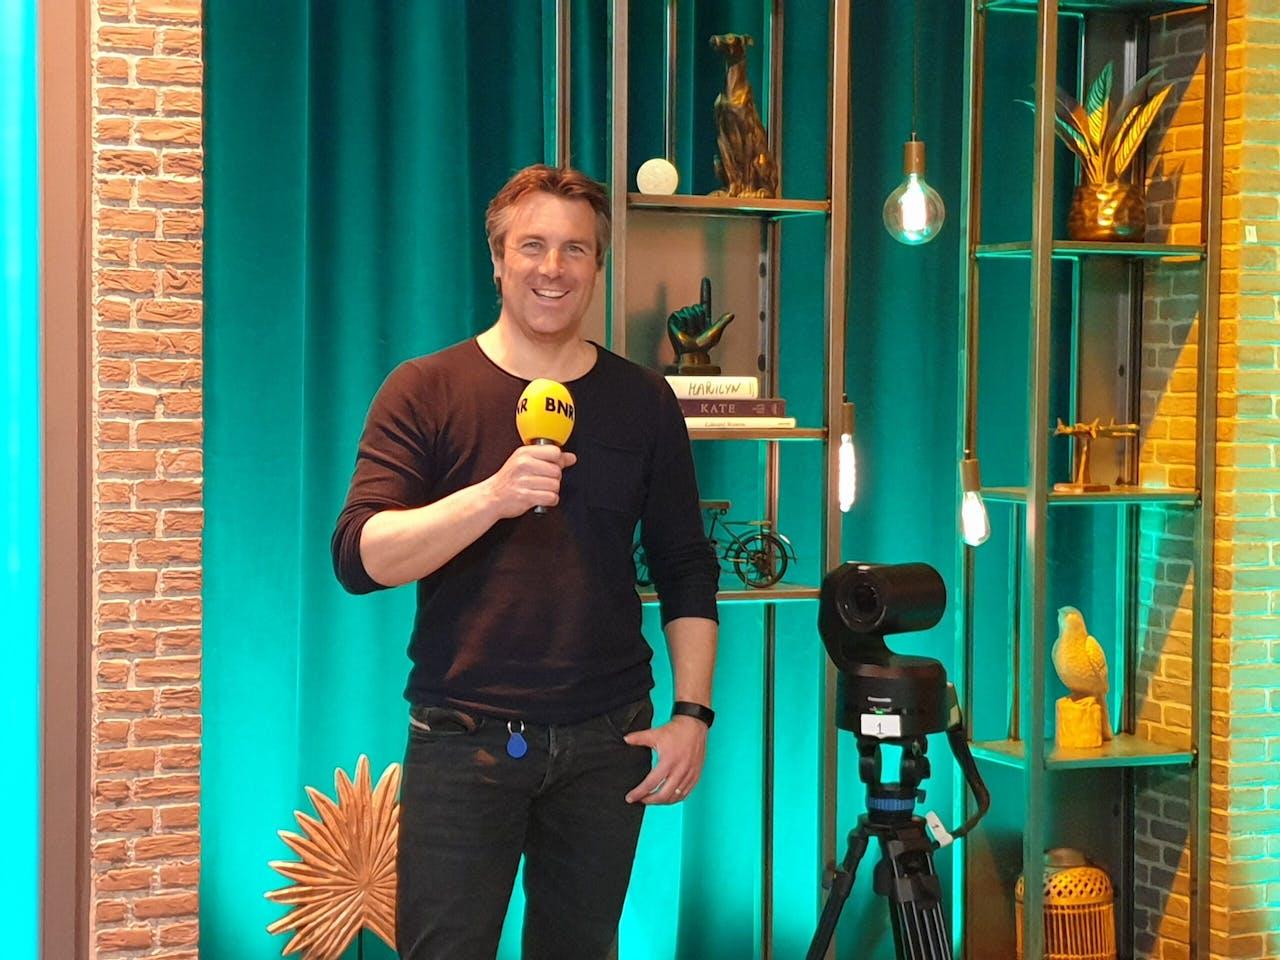 Ondernemer Pim Bertens voor het decor van één van de studio's van Q Broadcasting